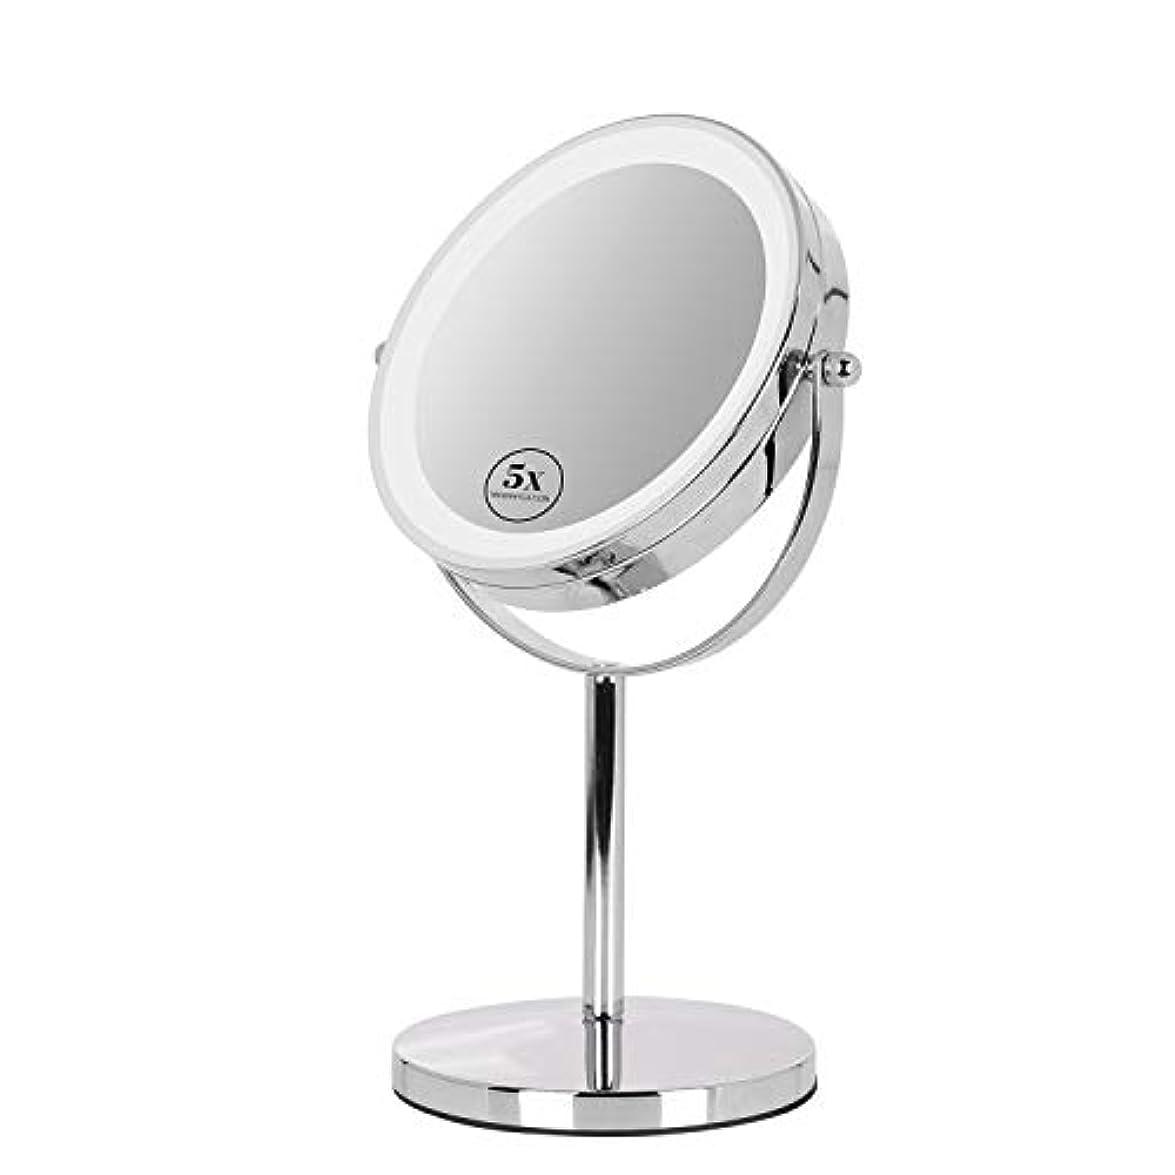 はがきクリップみすぼらしい卓上ミラー 鏡 化粧鏡 LED付き 真実の両面鏡DX 5倍拡大鏡 360度回転 卓上鏡 鏡面Φ165mm